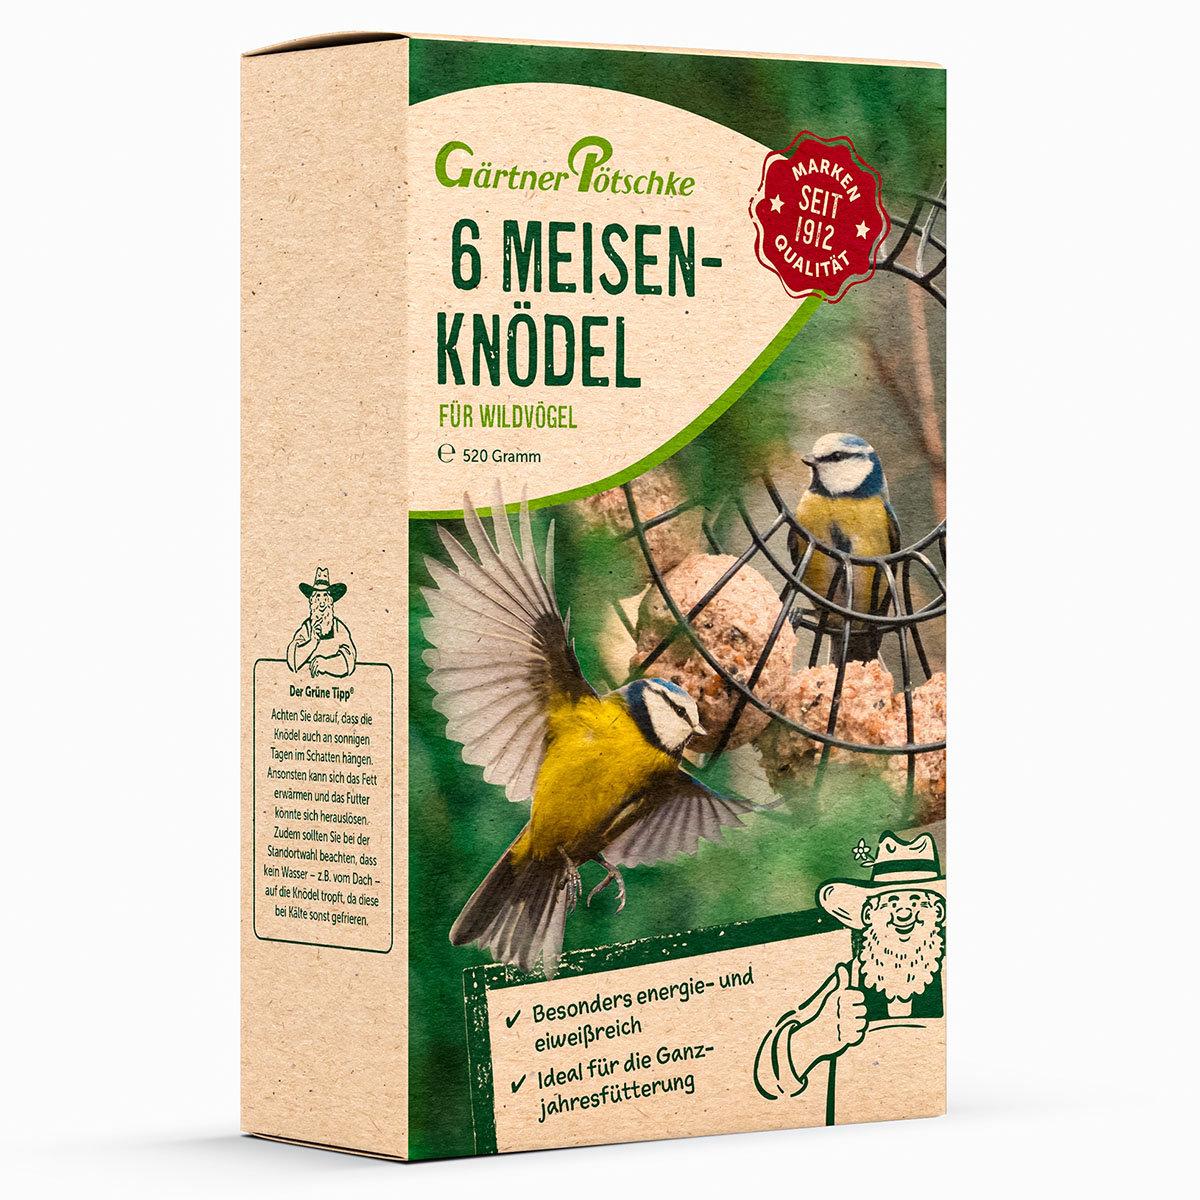 Ganzjahres-Meisenknödel für Wildvögel, ohne Netz, 6 Stück